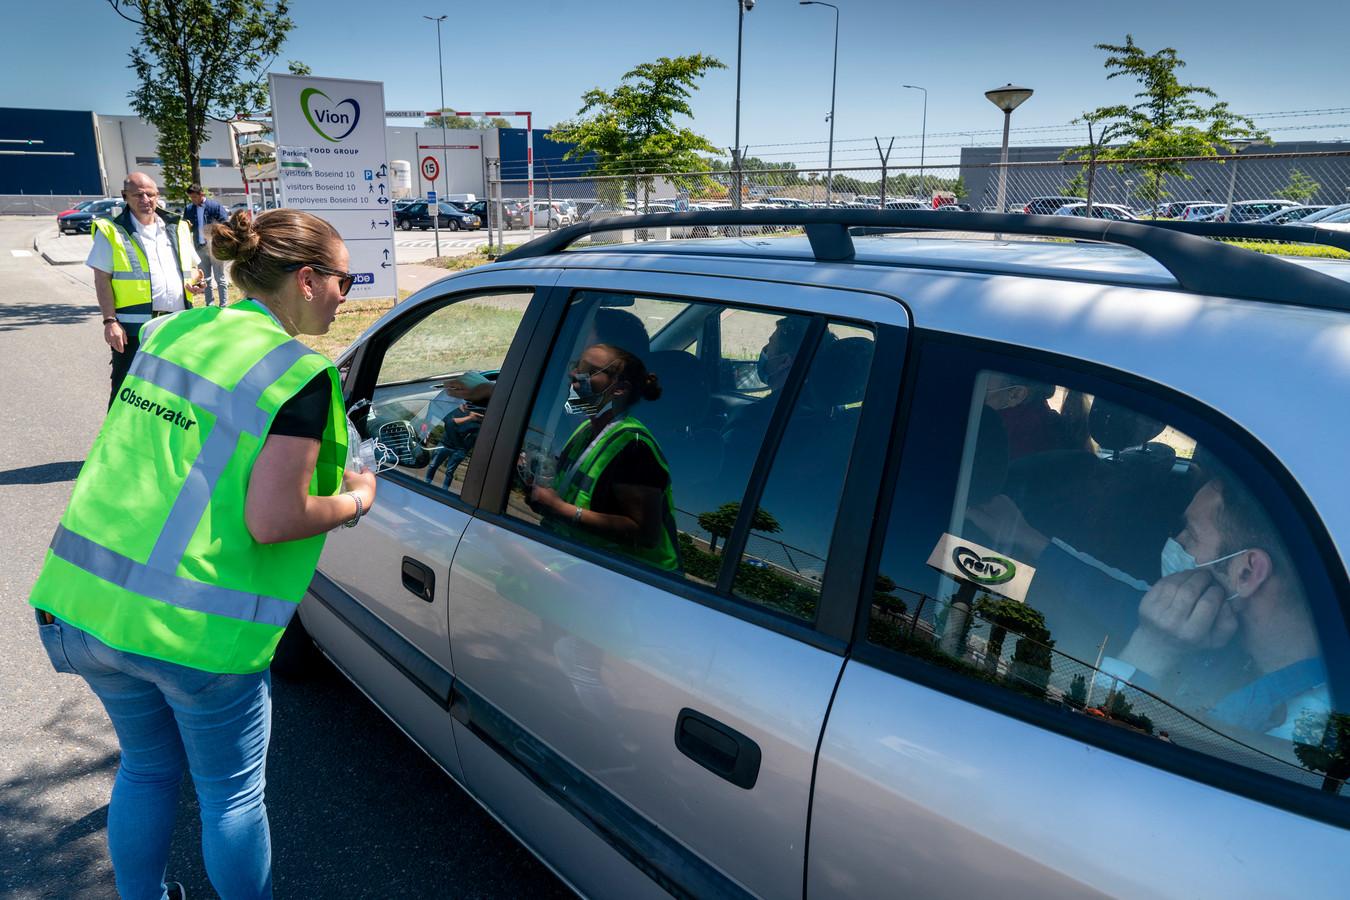 Bij de ingang van Vion in Boxtel wordt het vervoer van personeel gecontroleerd. Medewerkers kunnen er bovendien extra mondkapjes krijgen.